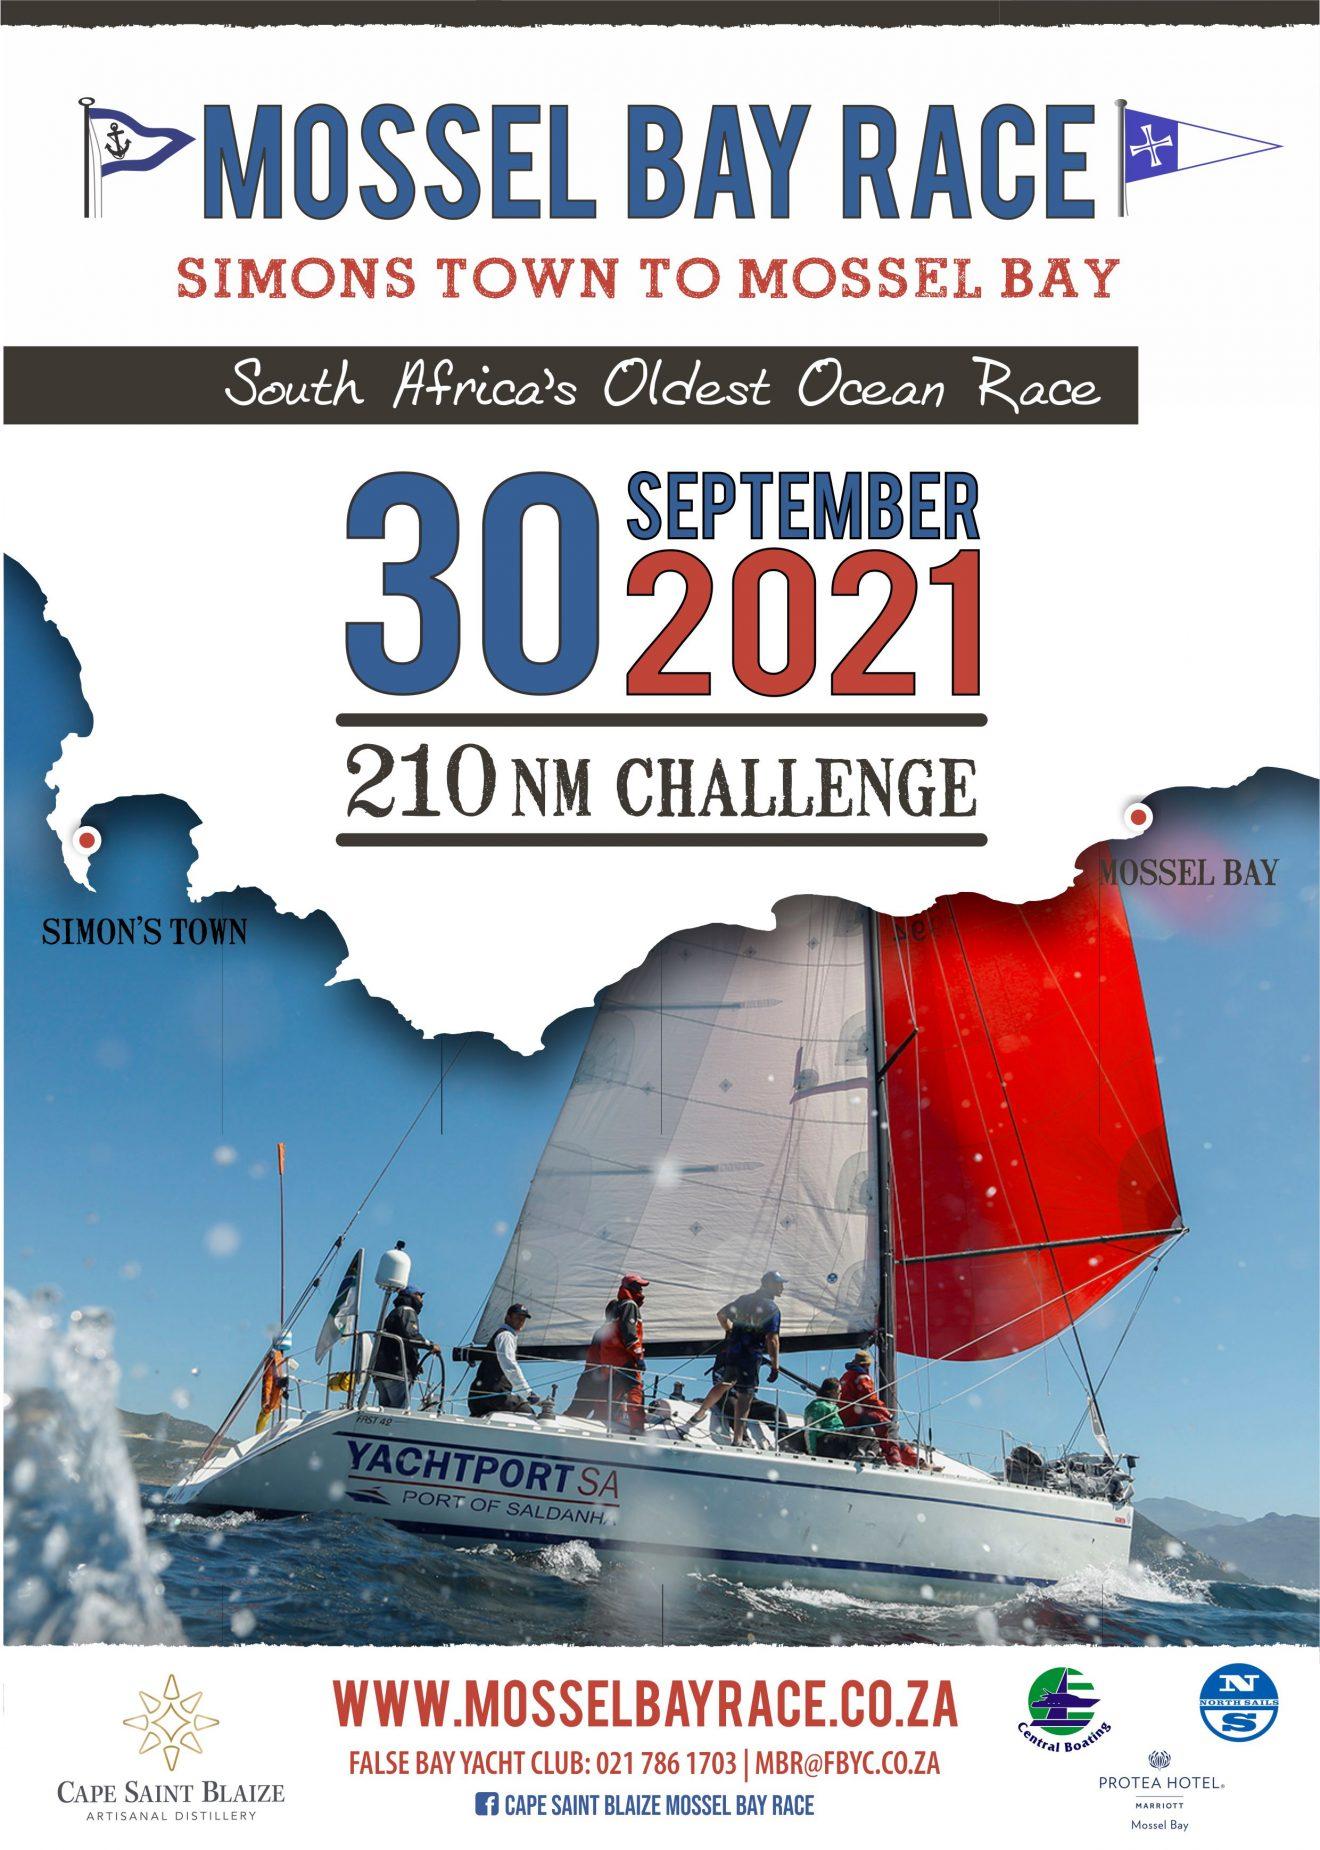 Mossel Bay Race 2021